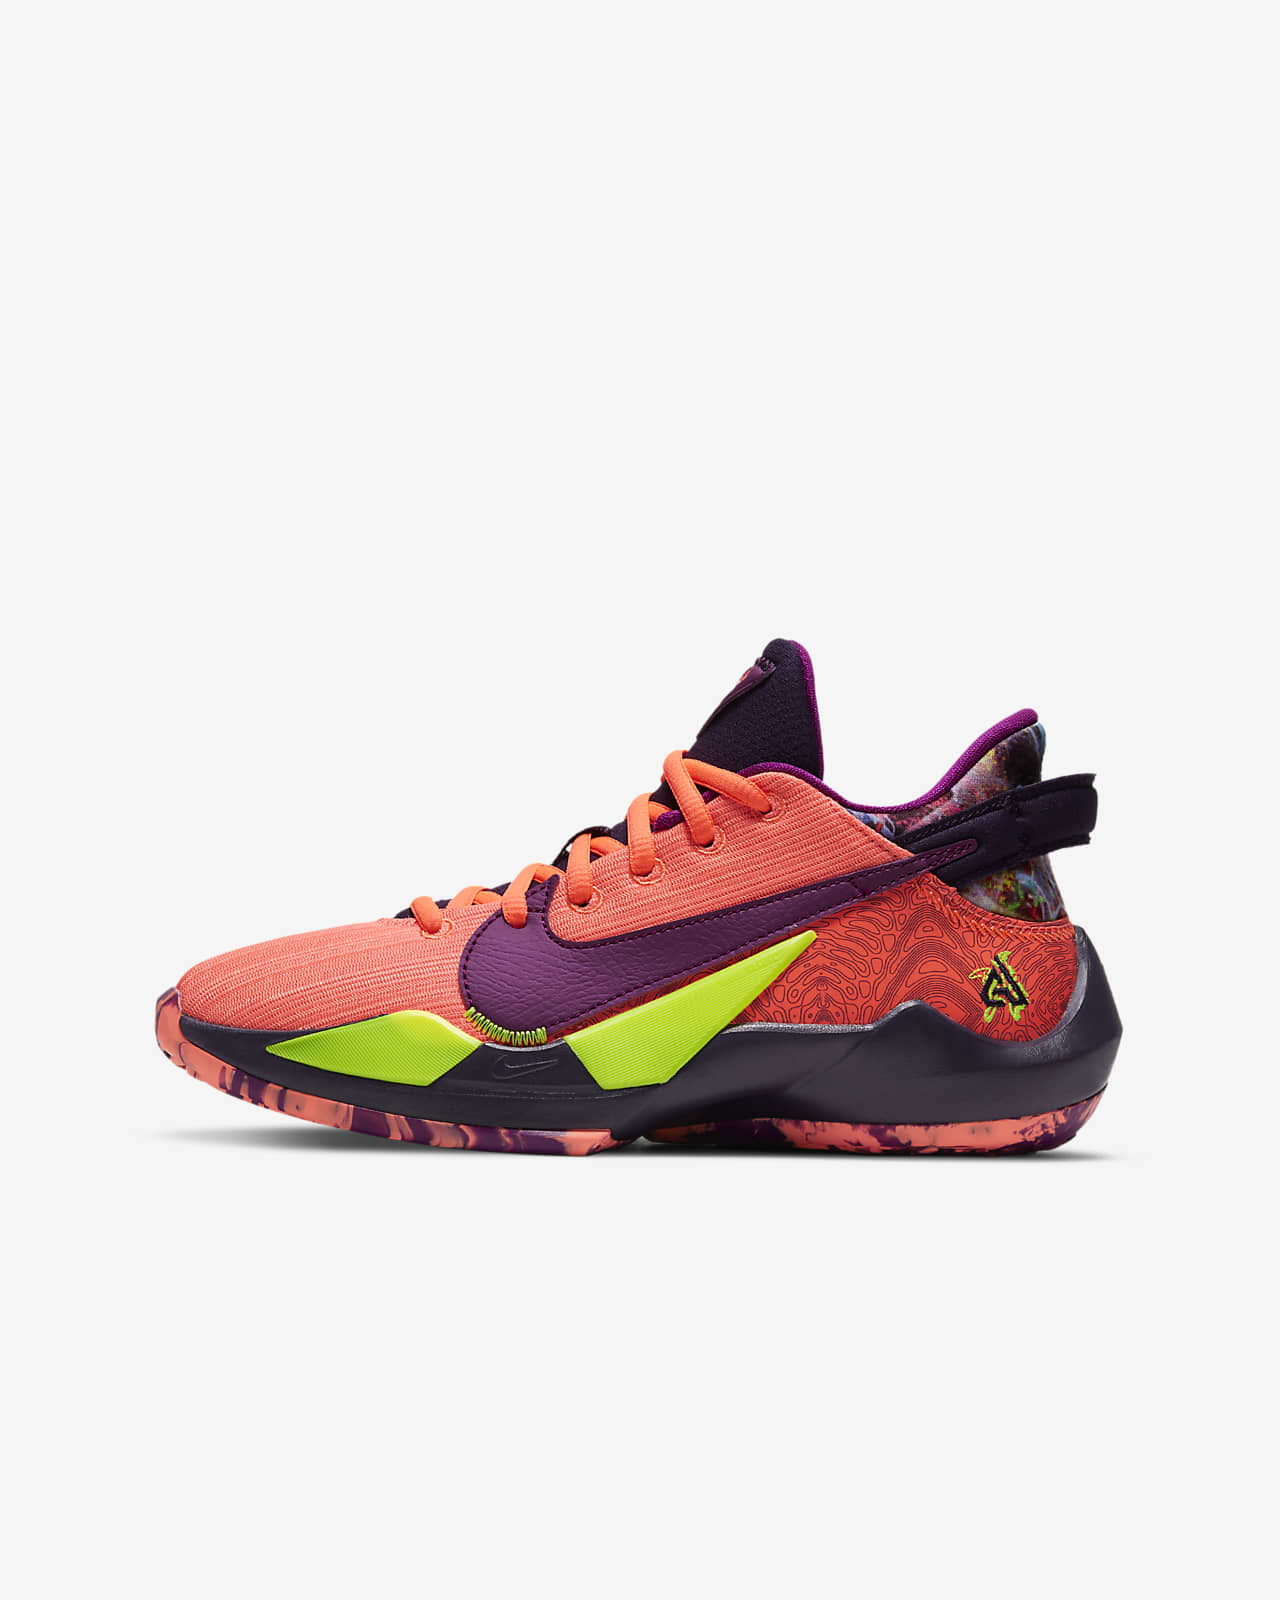 Freak 2 SE 大童籃球鞋